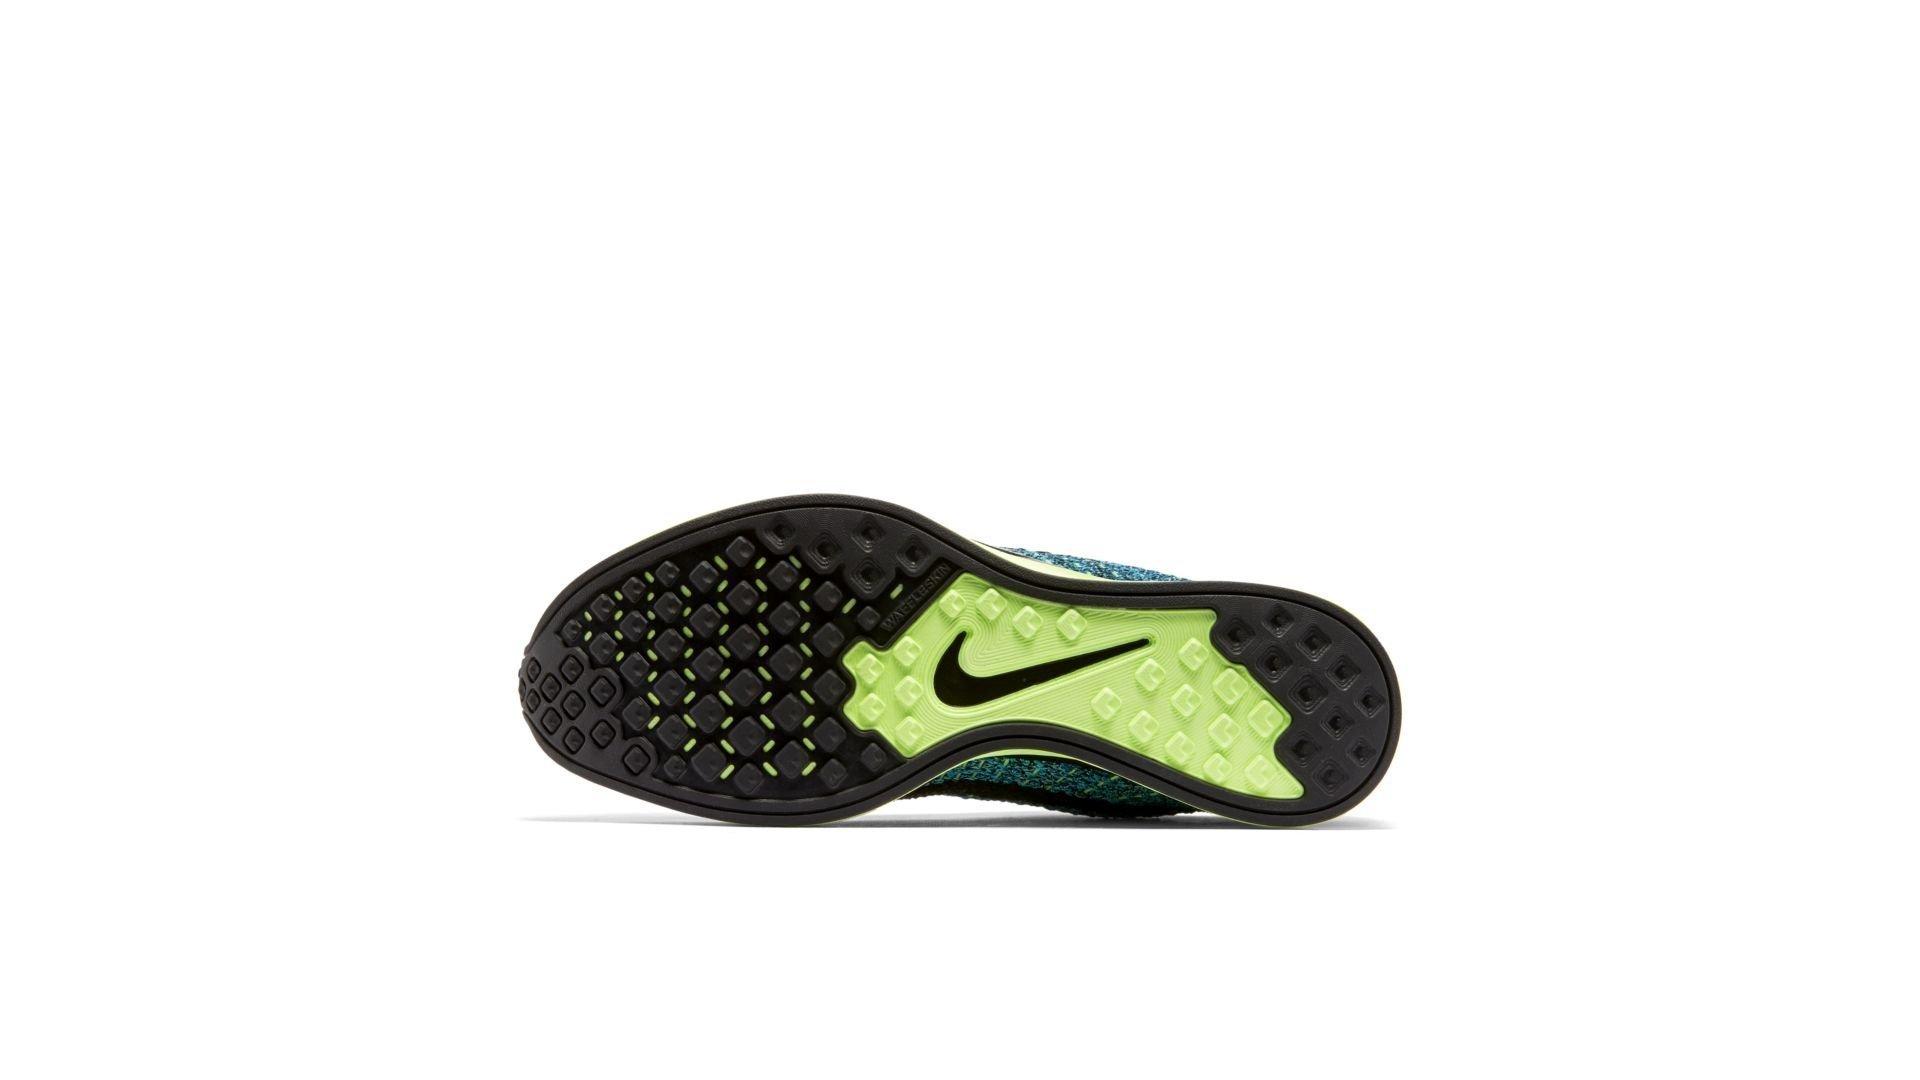 Nike Flyknit Racer Blue Gecko (526628-401)